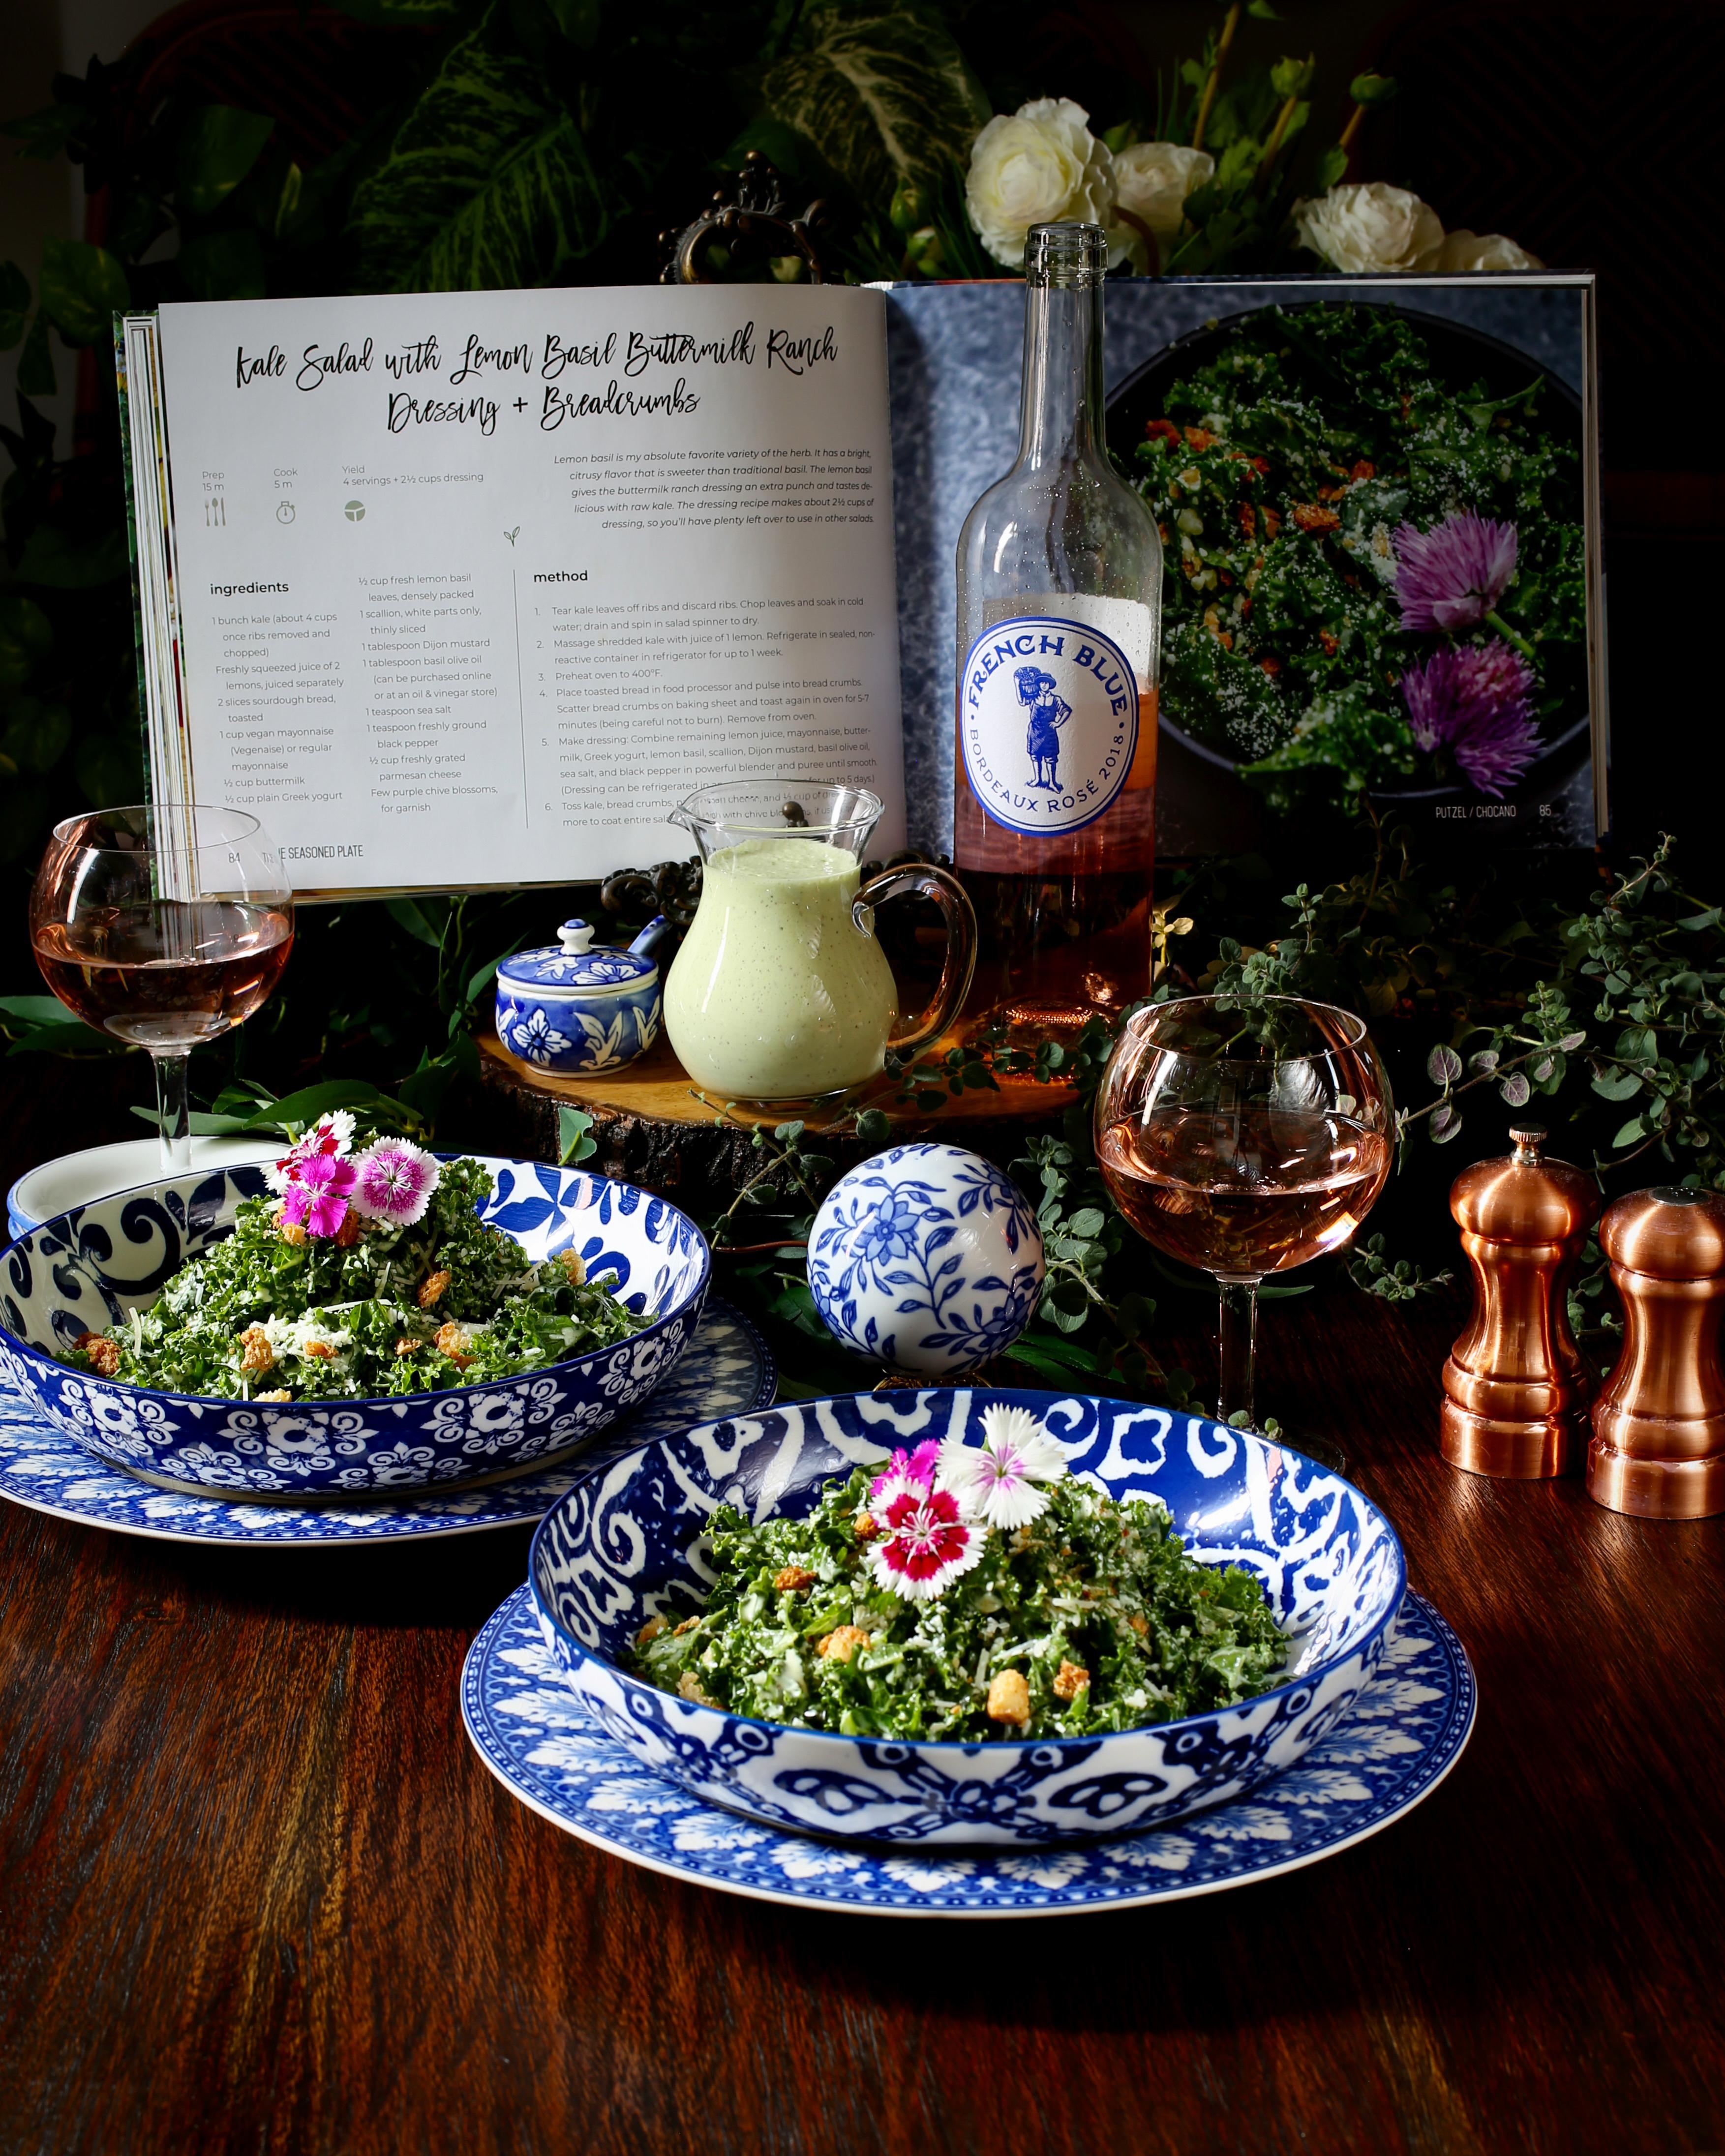 Kale Salad with Lemon Basil Buttermilk Ranch